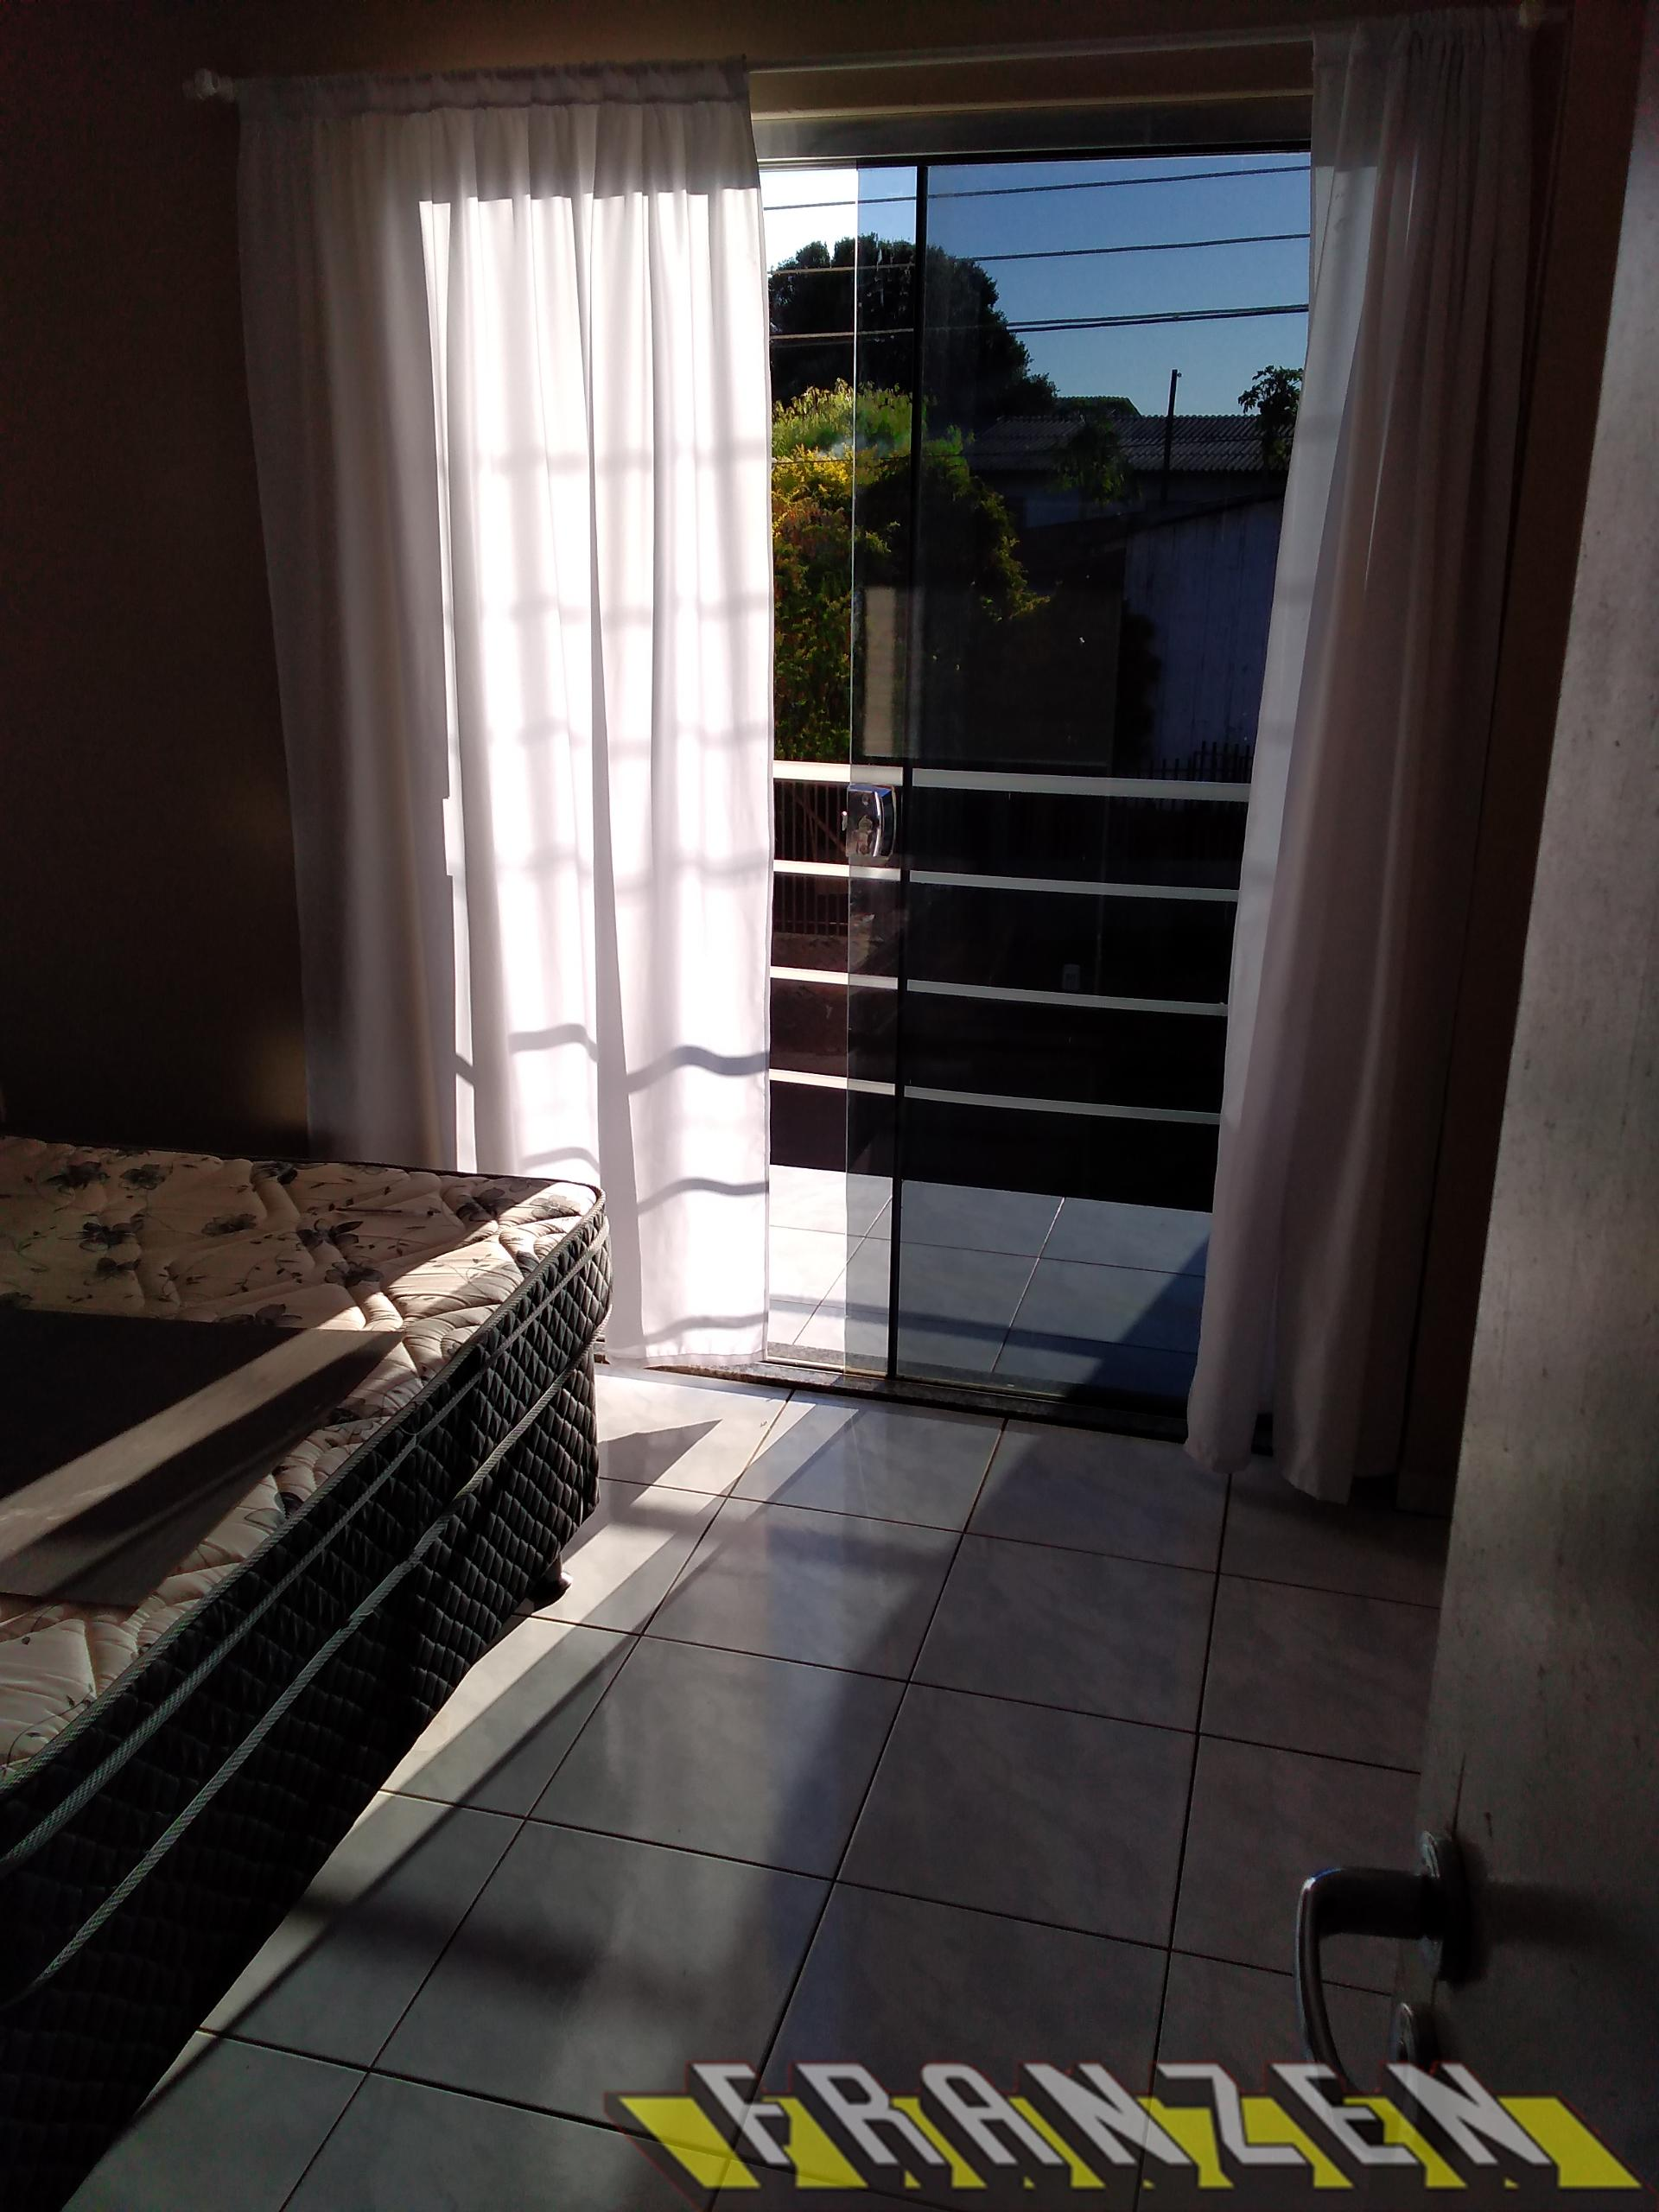 Franzen Imobiliária em Quedas do Iguaçu - PR